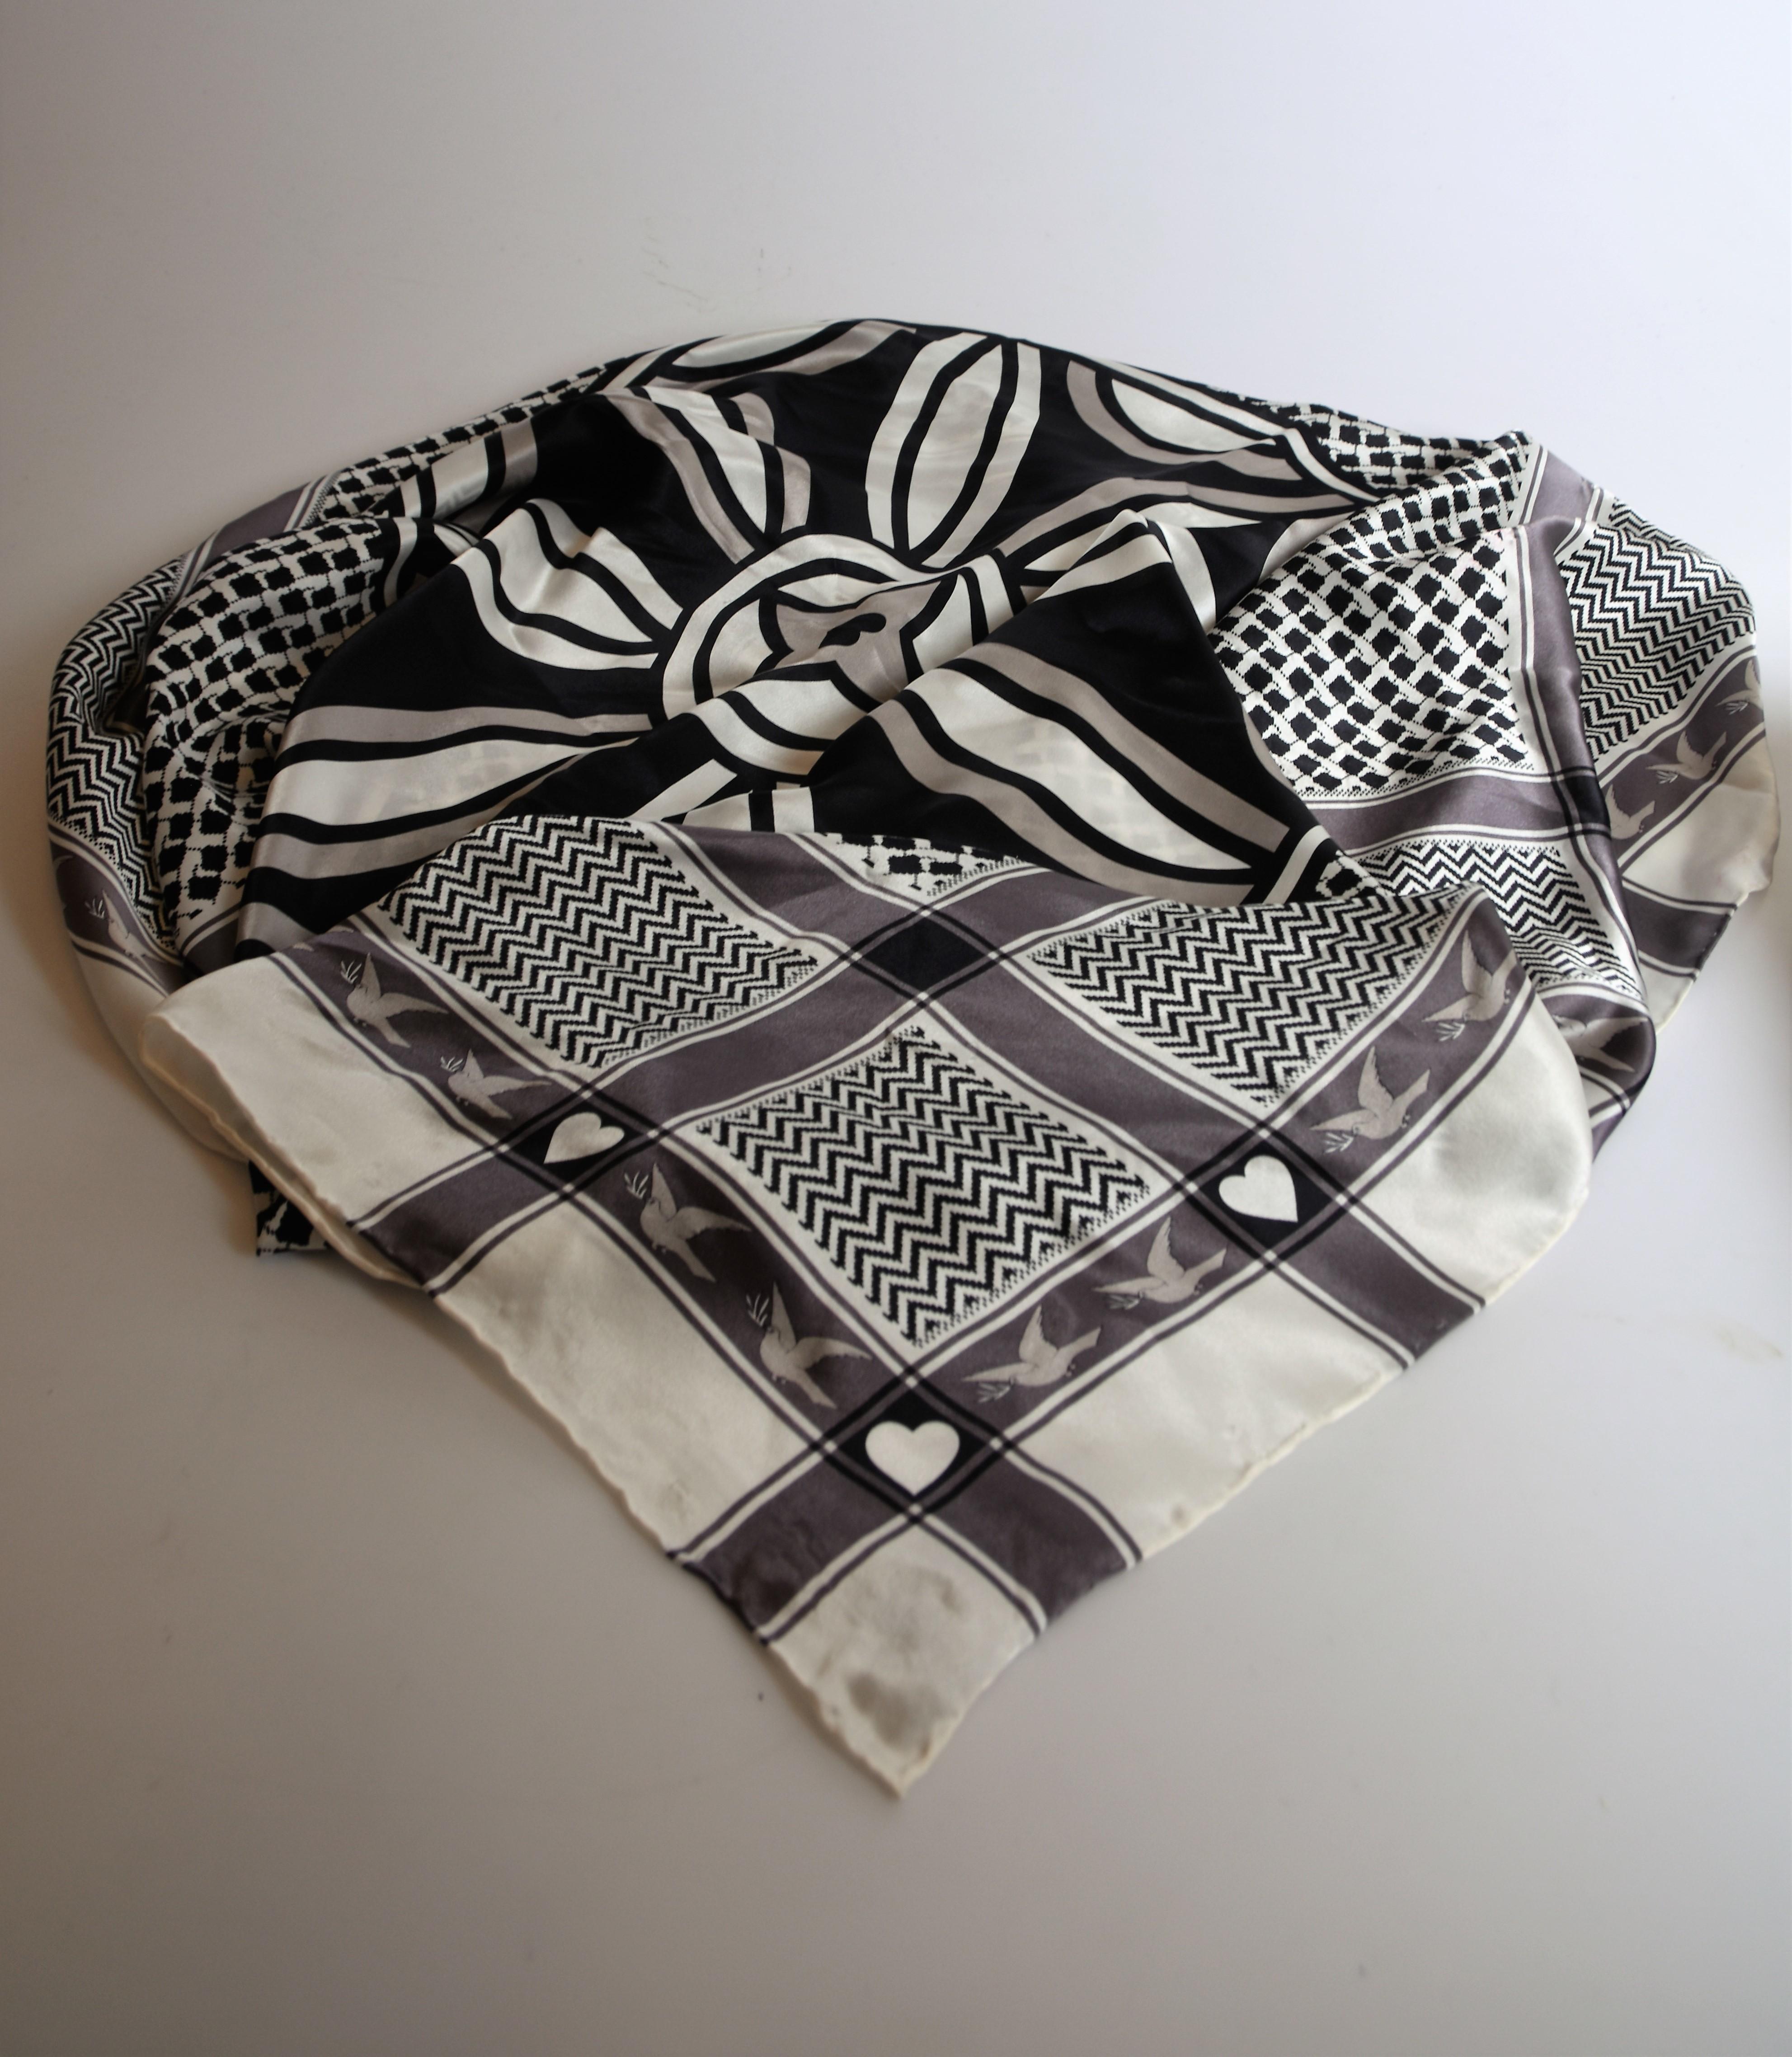 26a13a0b0501 SCARFS siden Charlotte Sparre Copenhagen. Vintage clothing   Accessories -  Auctionet